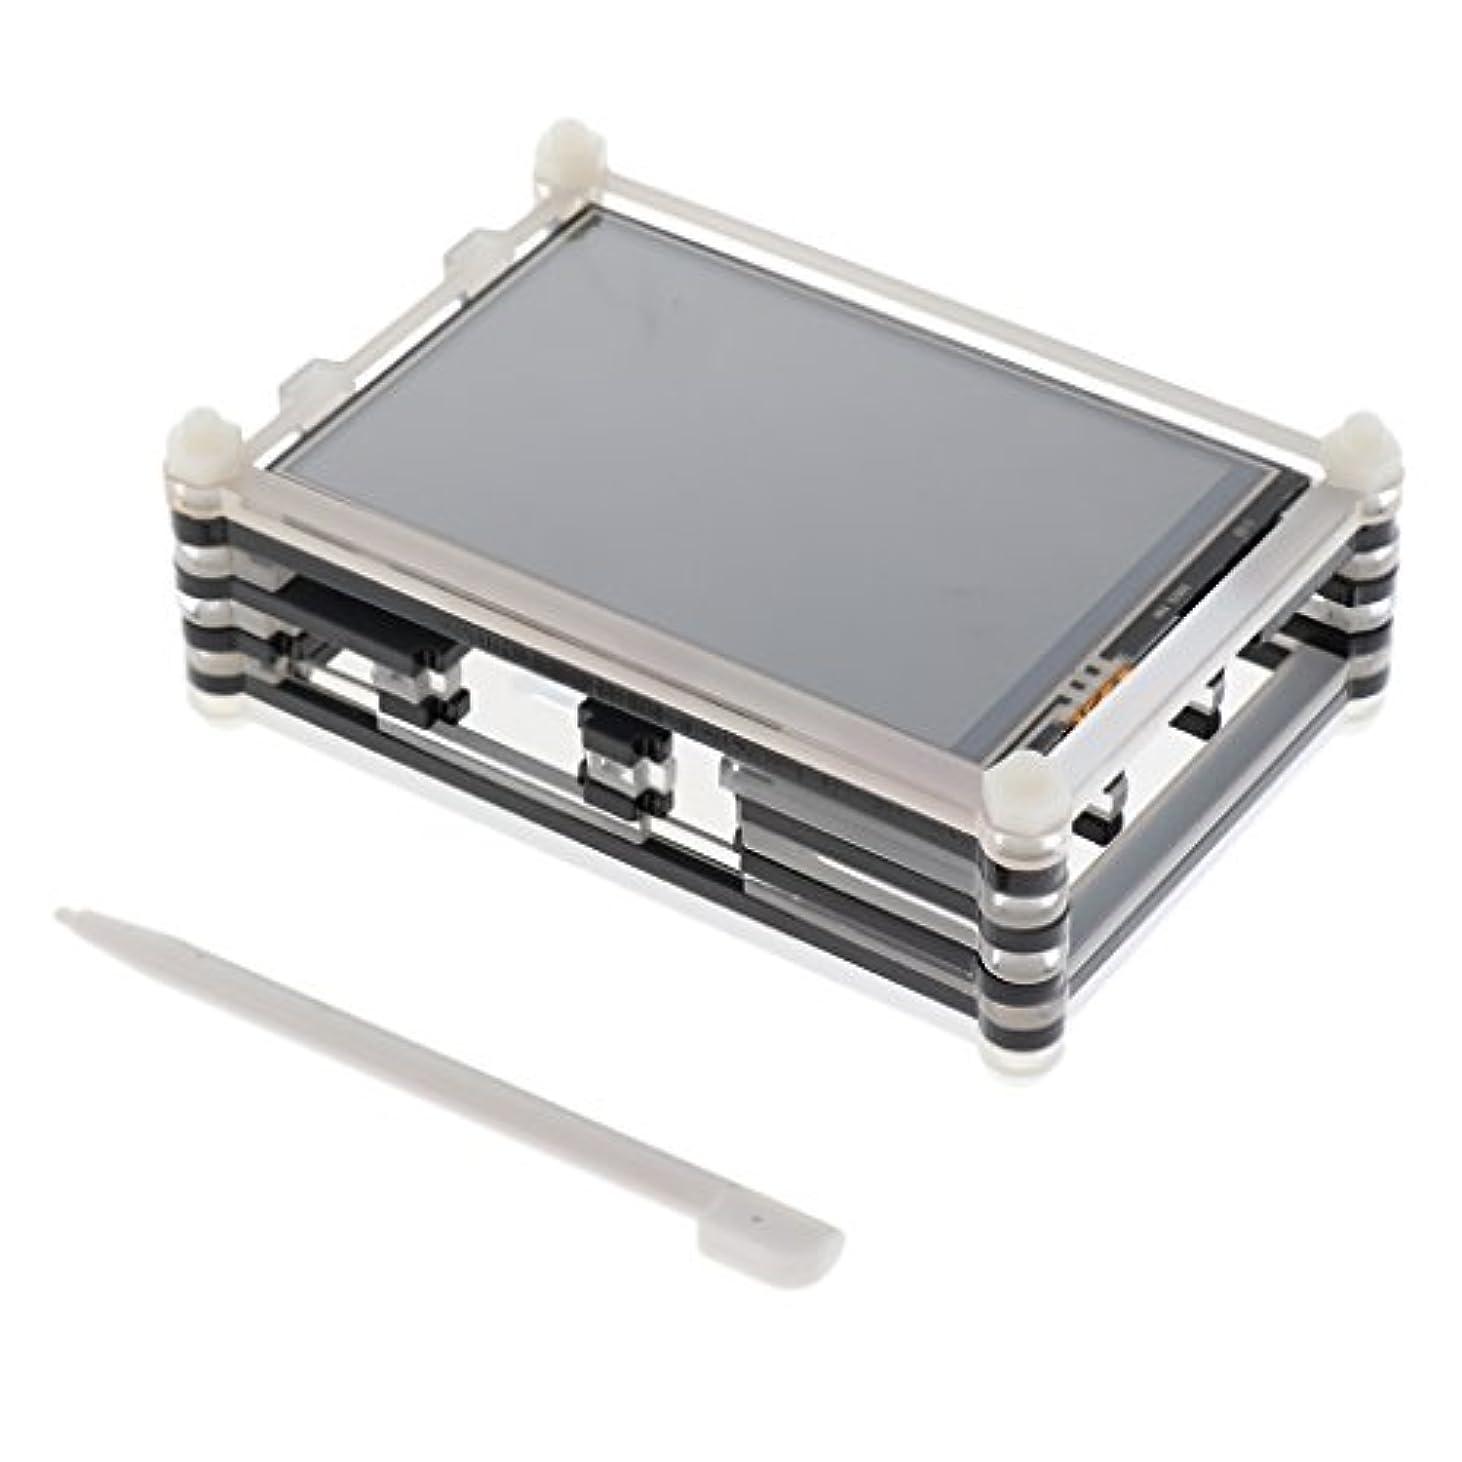 パリティエミュレートするサミットShiwaki 3.5インチ TFT LCDタッチスクリーン ディスプレイ ラズベリーパイ3用 保護ケース付き